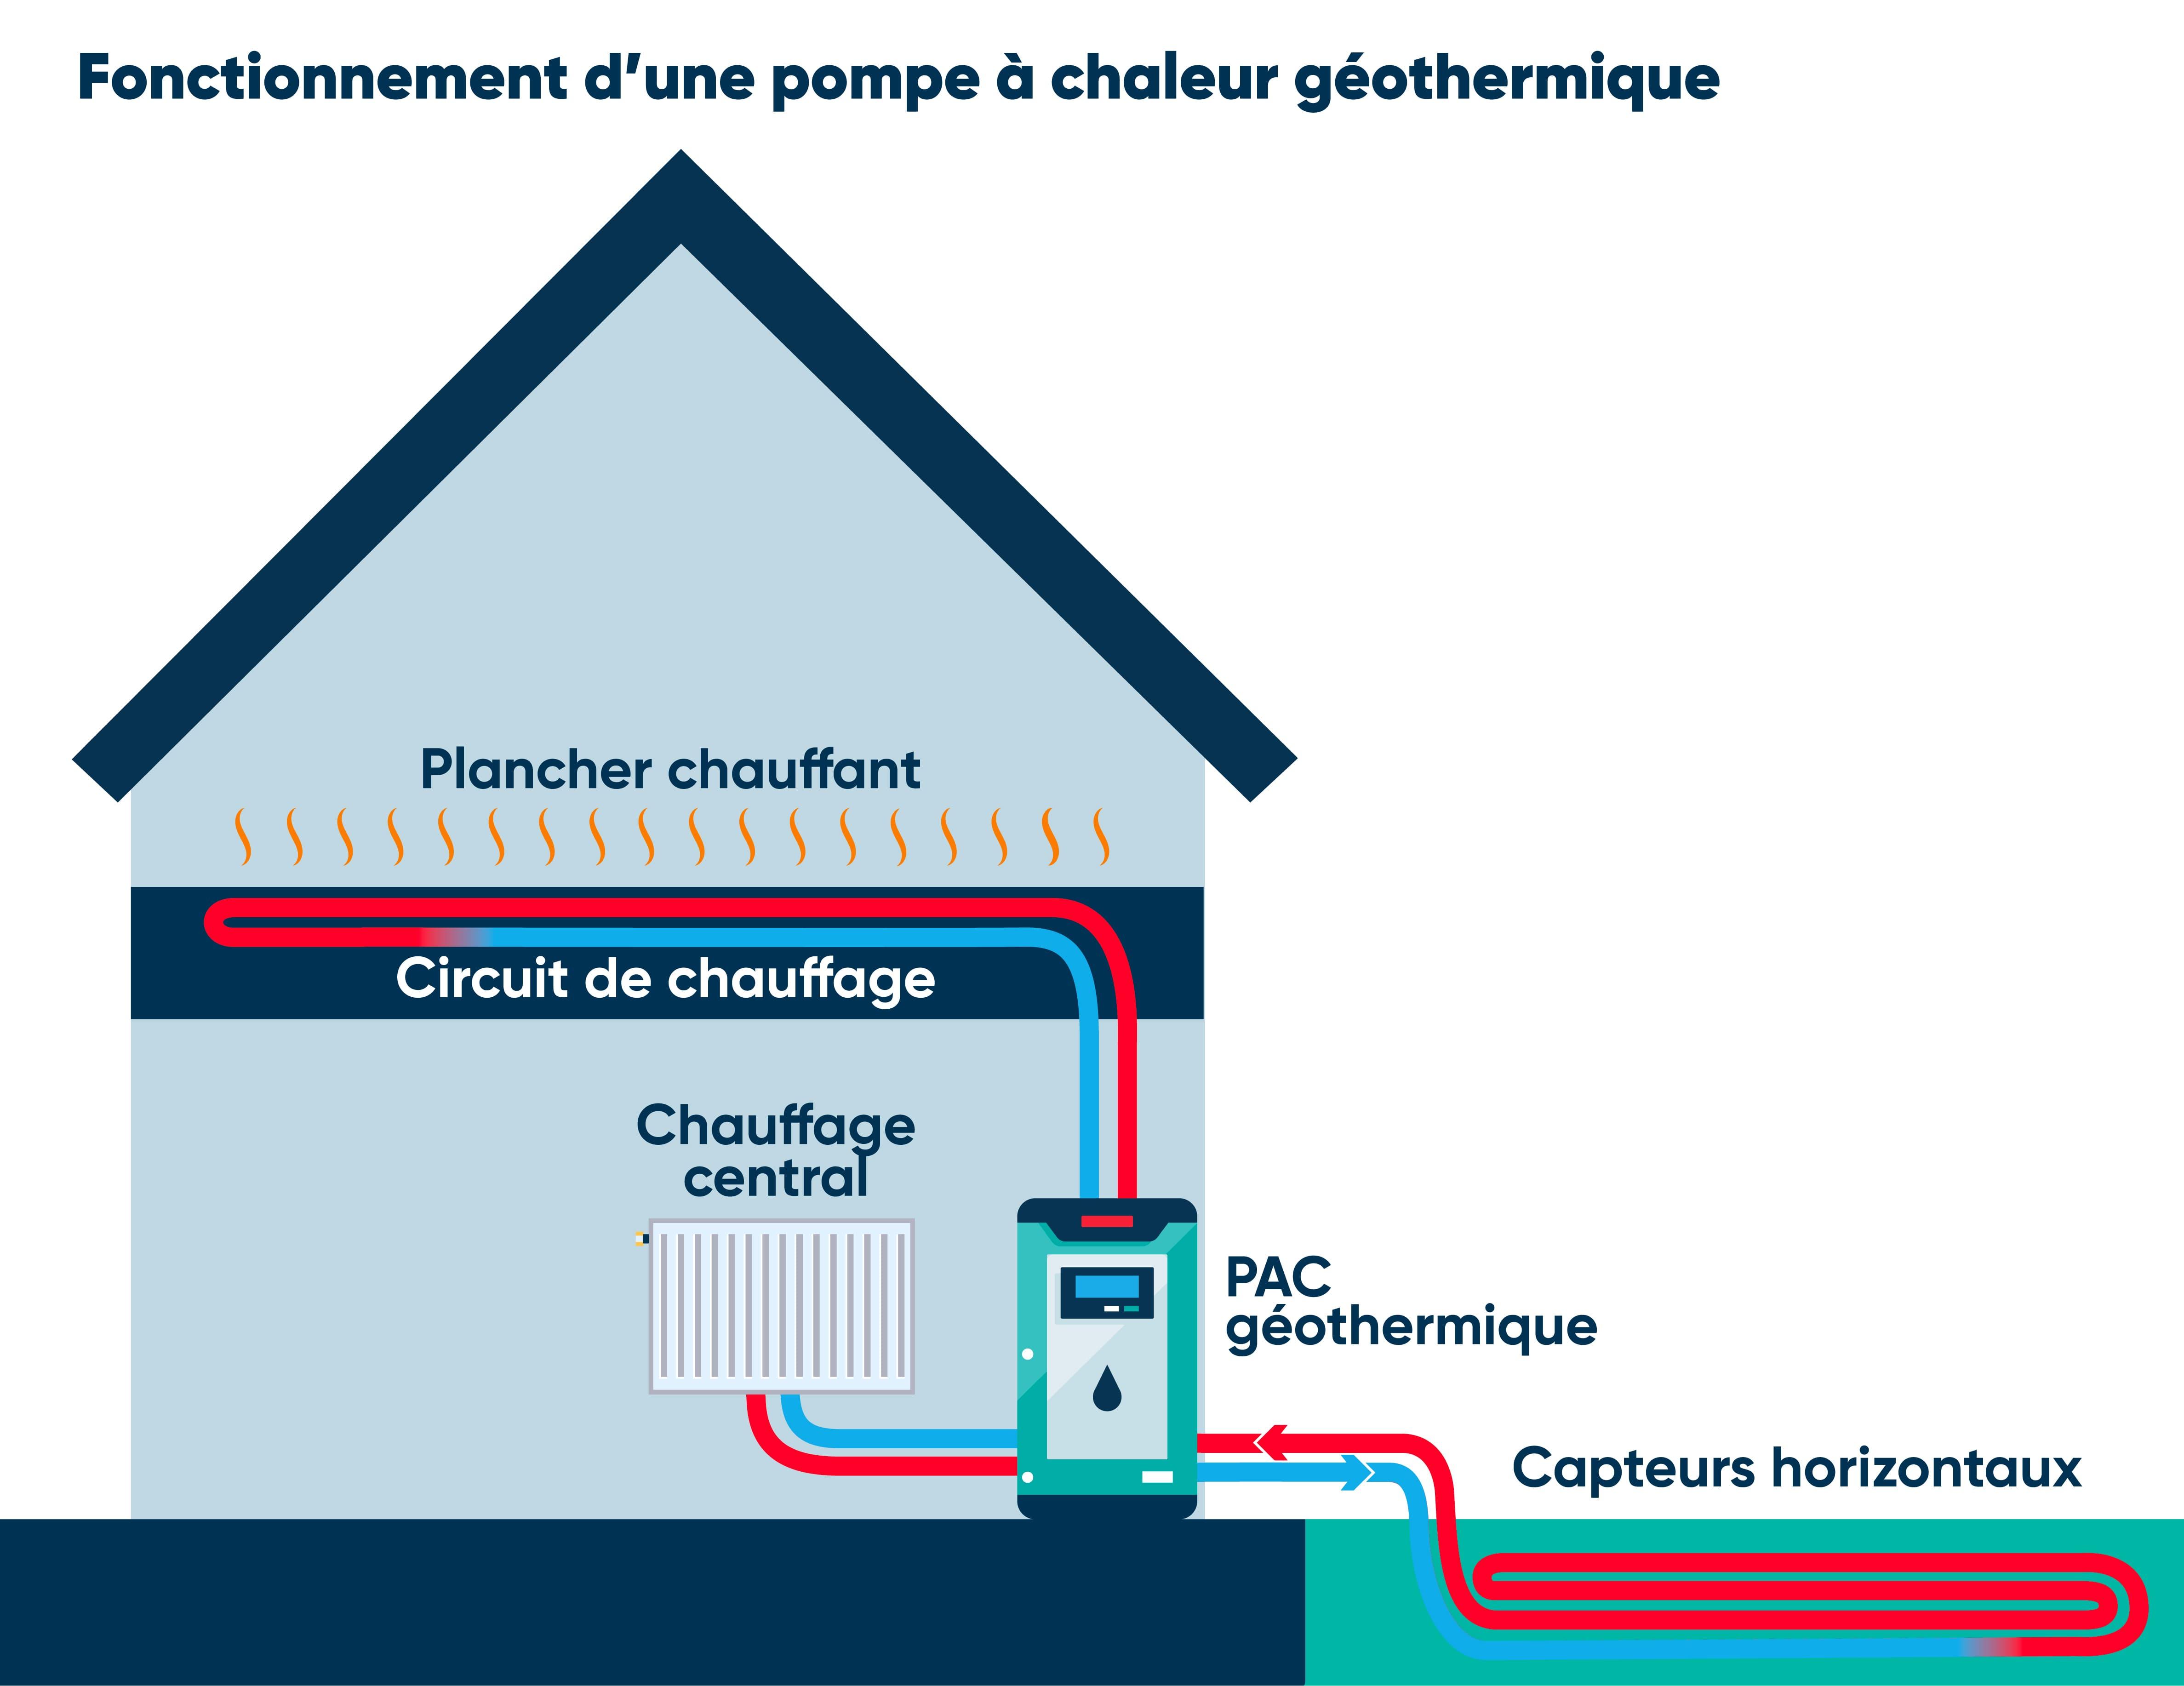 Fonctionnement pompe à chaleur géothermique